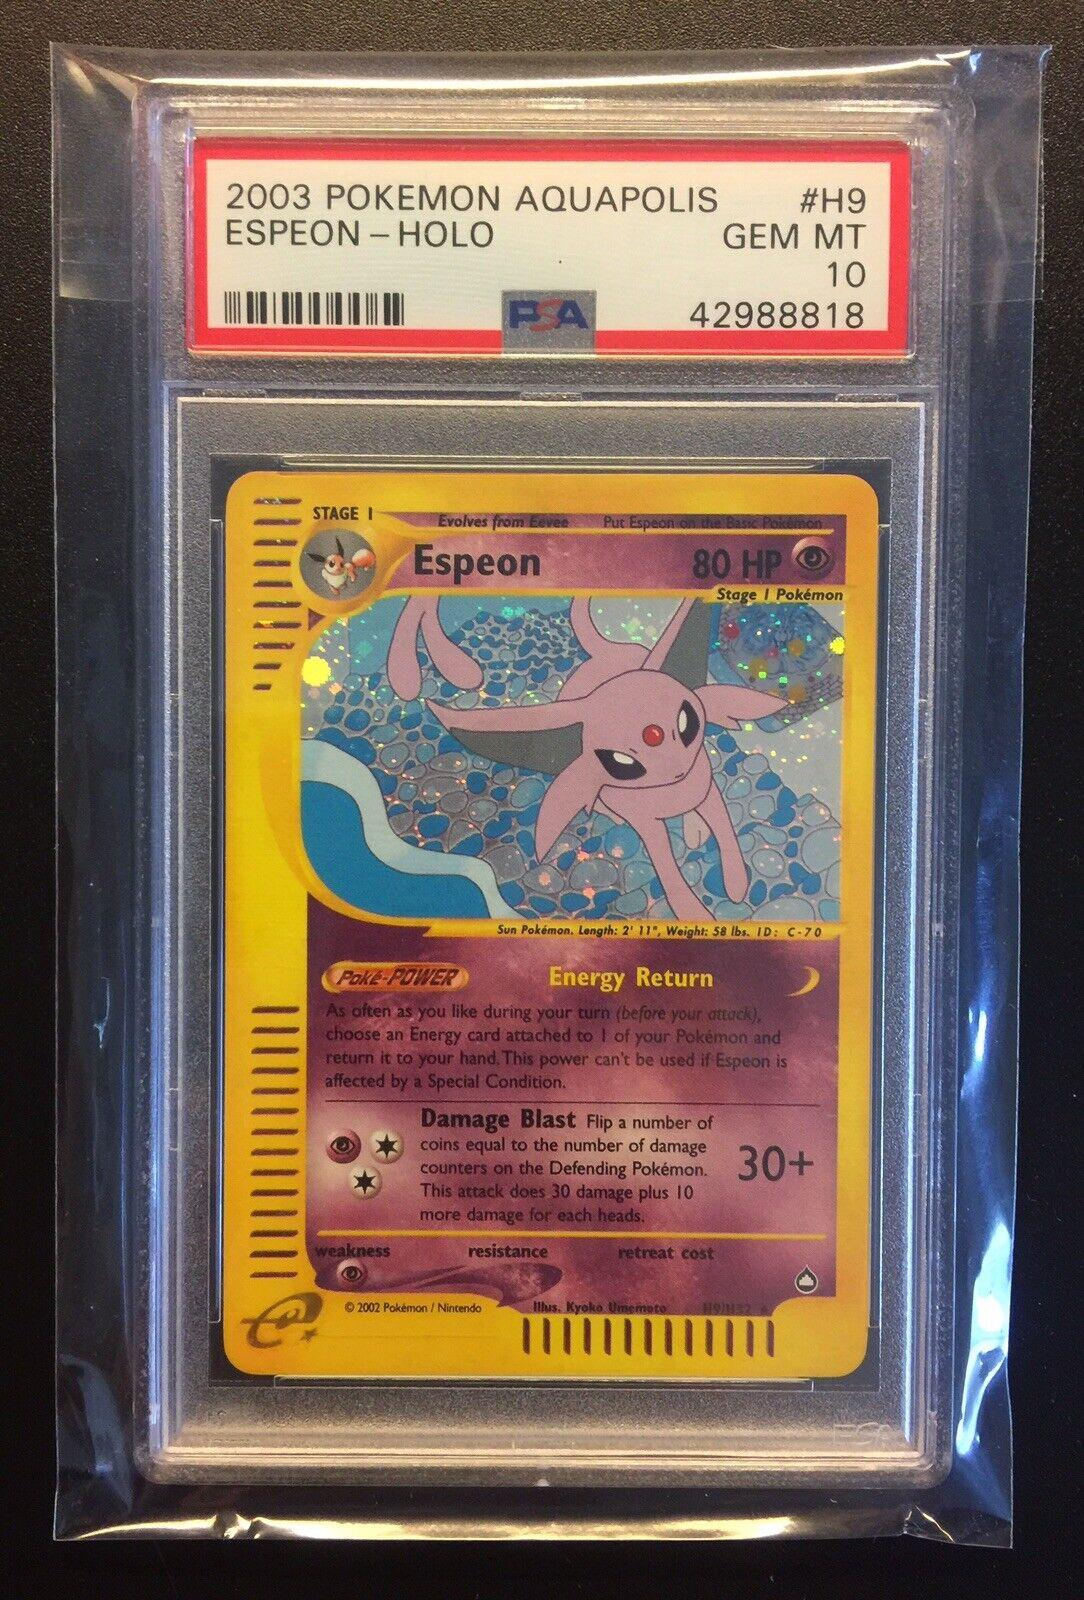 2003 Pokemon Espeon Aquapolis Holo H9 H32 Psa 10 Gem Mint (Read Description)